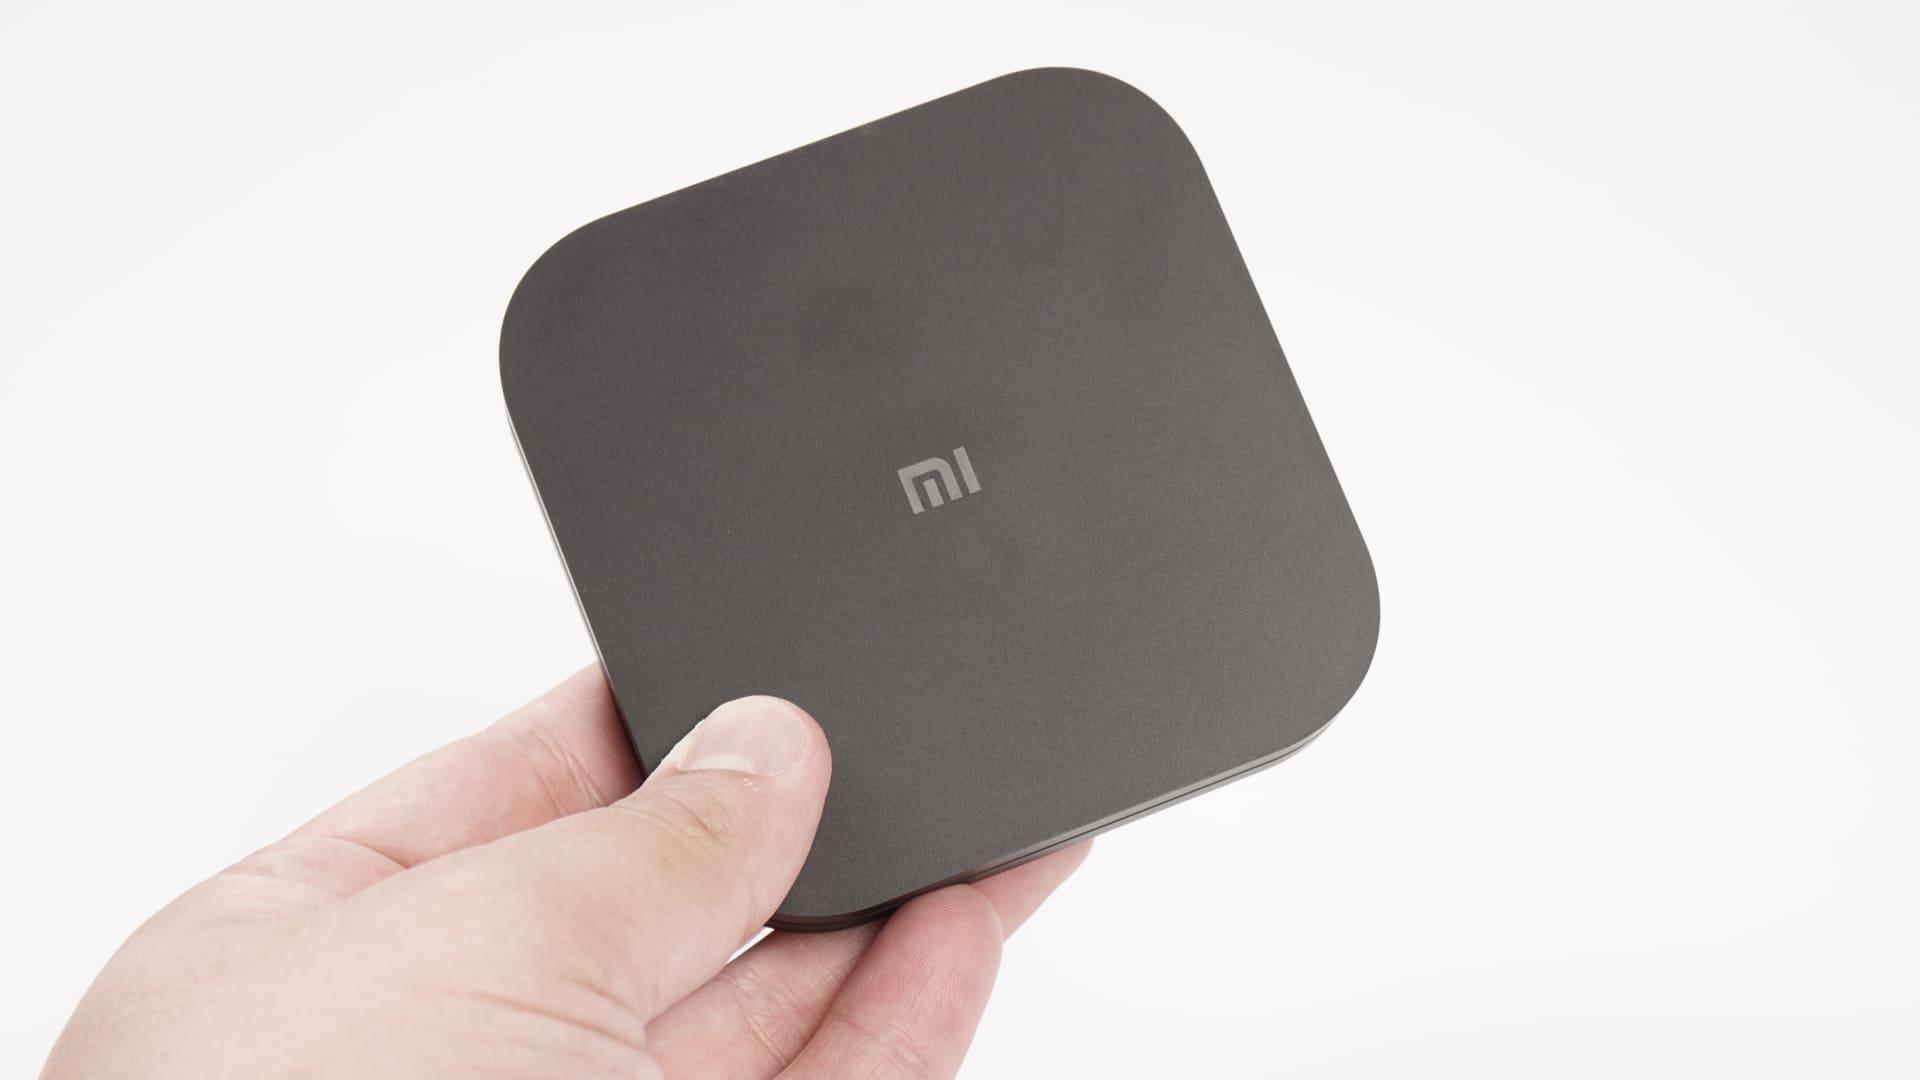 Saiba como resetar TV Box e ter seu dispositivo novo em folha! (Imagem: Reprodução/Shutterstock)